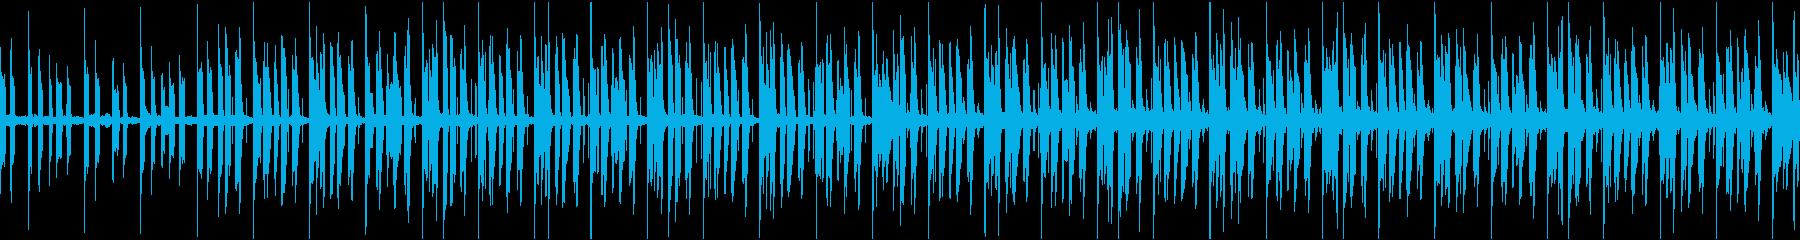 黙々と働く人々を表現したループ曲の再生済みの波形